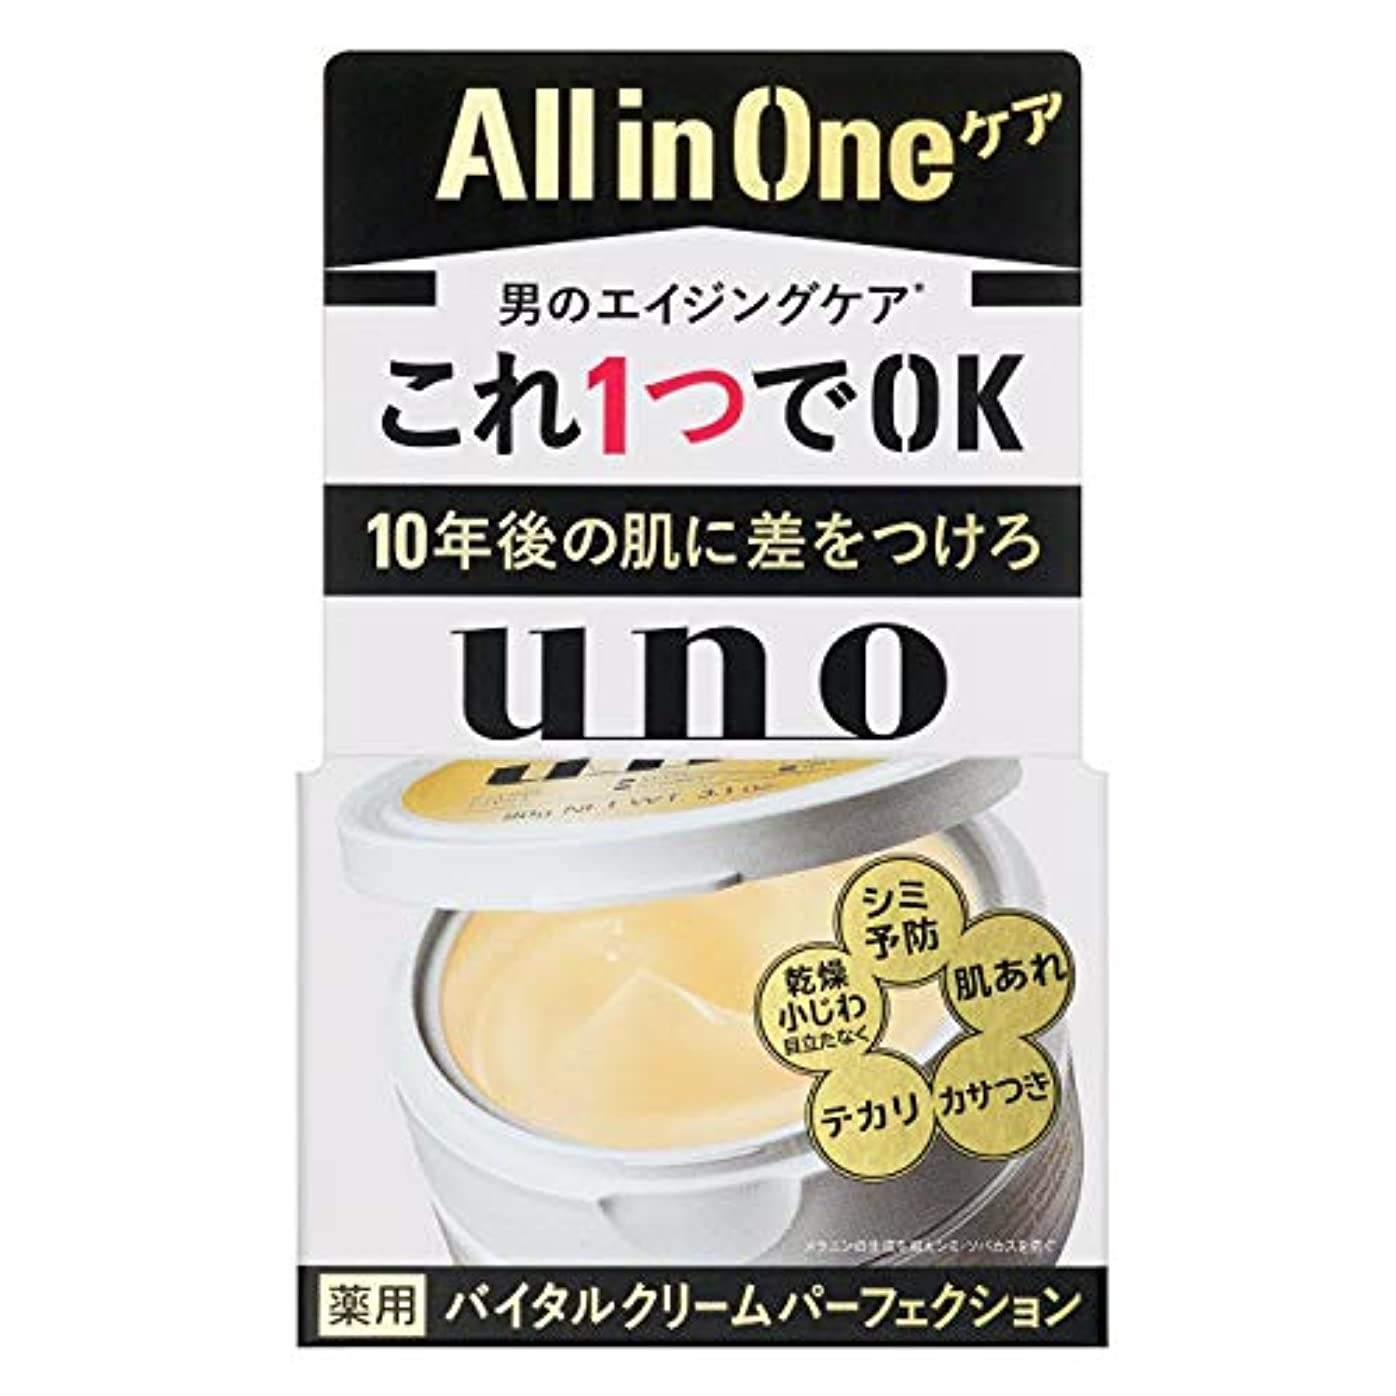 到着する誘う道徳のUNO(ウーノ) ウーノ バイタルクリームパーフェクション 90g オールインワン シトラスグリーンの香り(微香性)